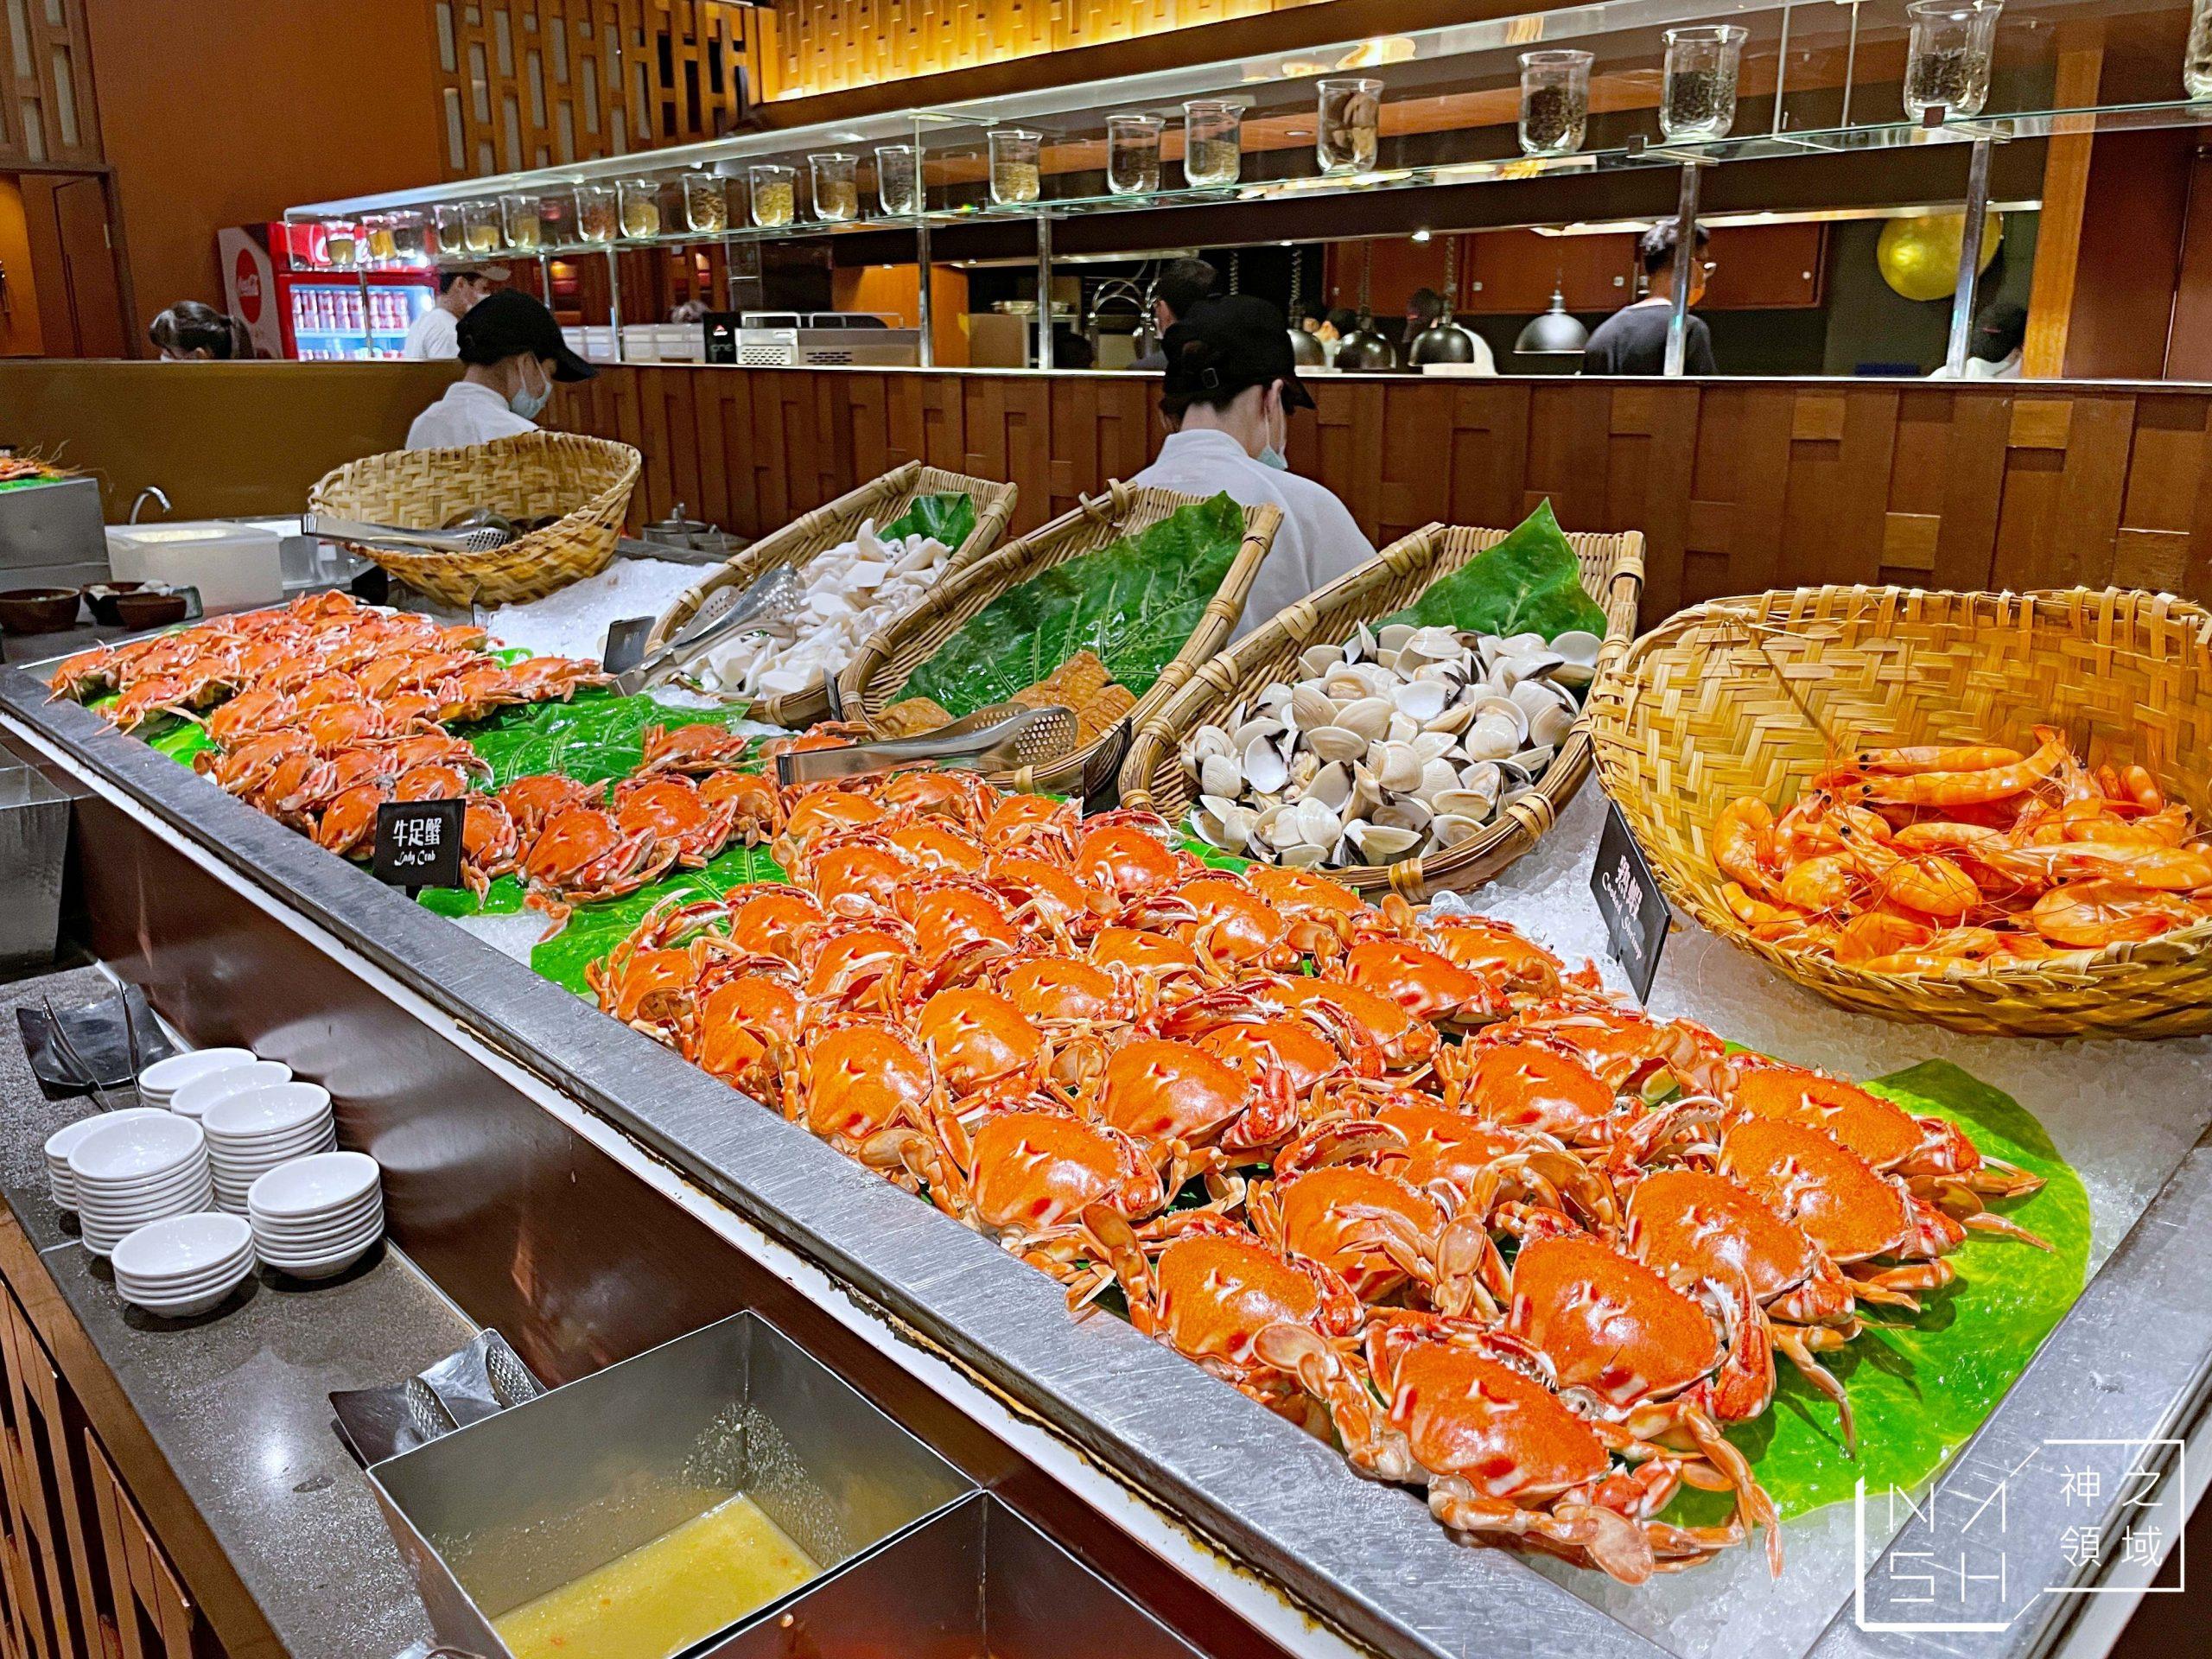 泰市場誠品信義旗艦店,泰市場,平價泰式料理吃到飽,吃到飽